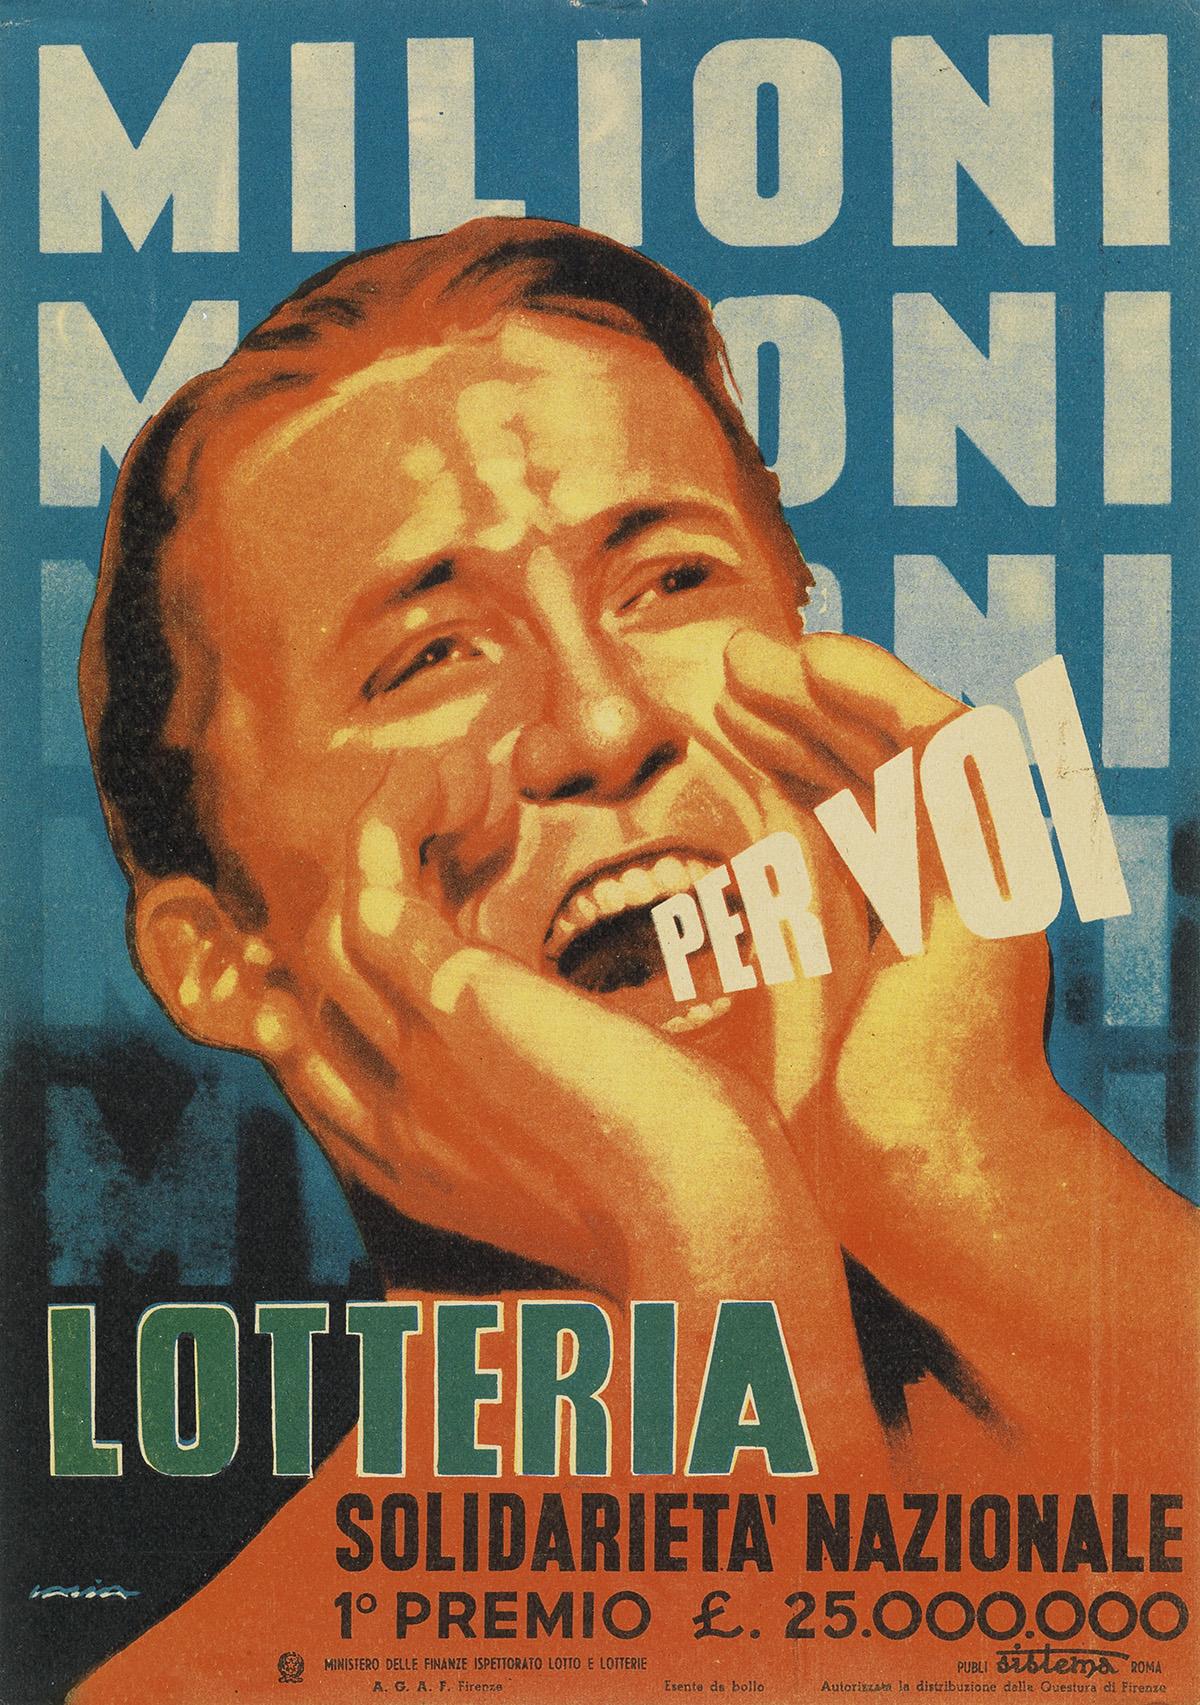 ALFREDO-LALIA-(1907-)-MILIONI-PER-VOI--LOTTERIA-Small-sign-9